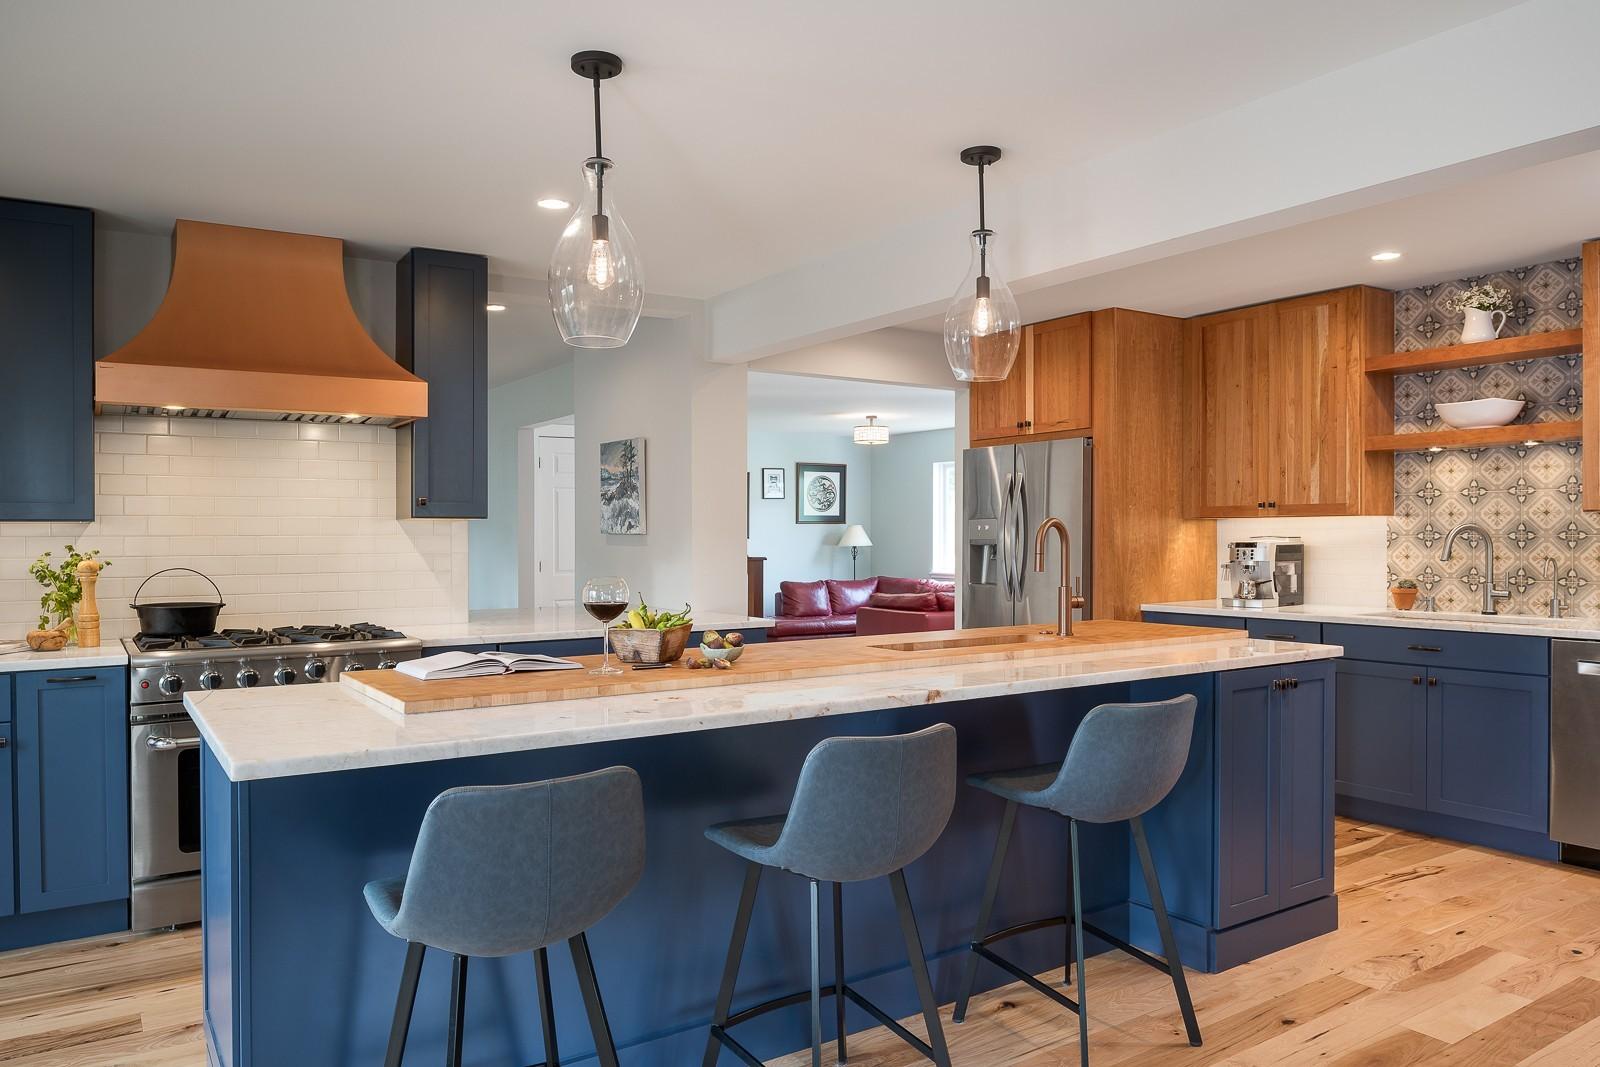 Vermont Architectural Design Build Company Peregrine